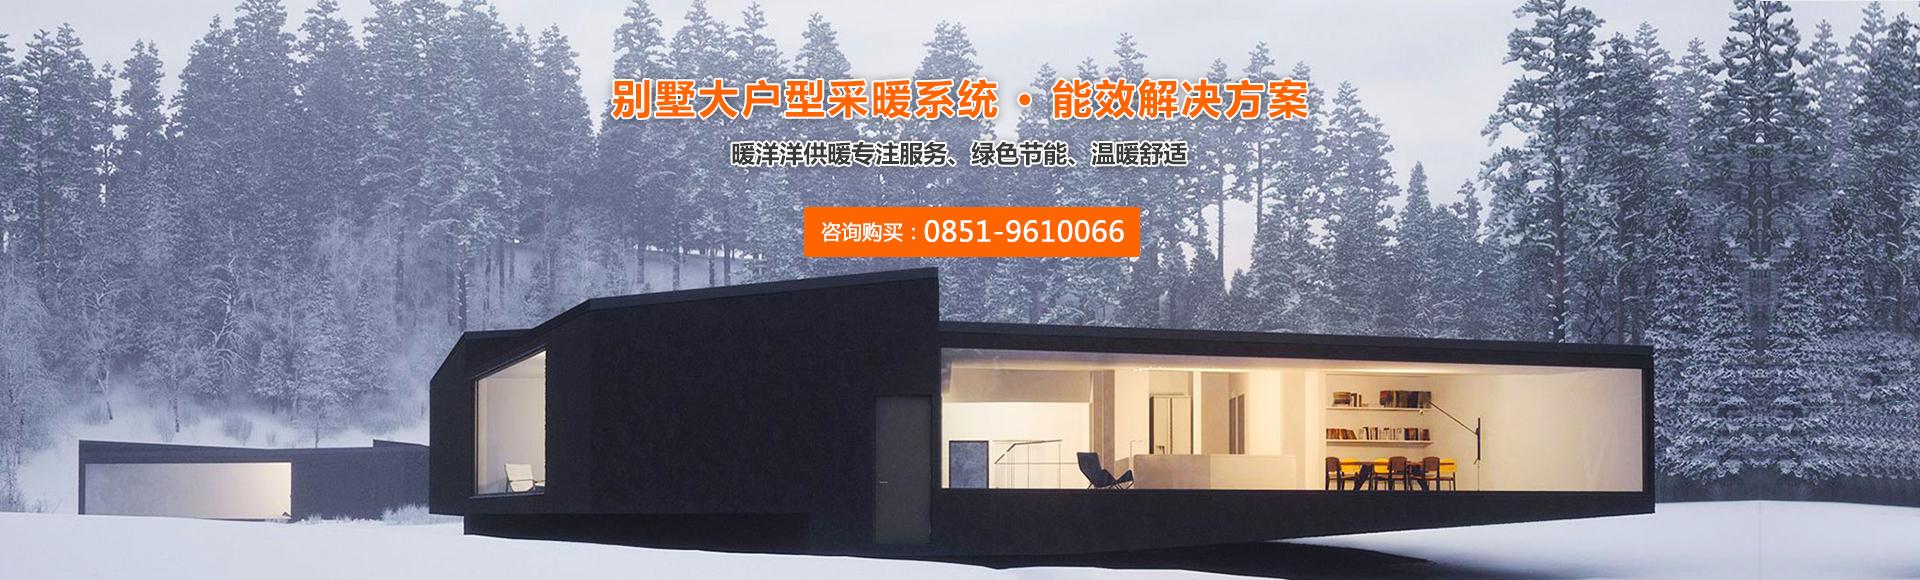 http://www.gznyy.cn/data/upload/202008/20200831154744_923.jpg